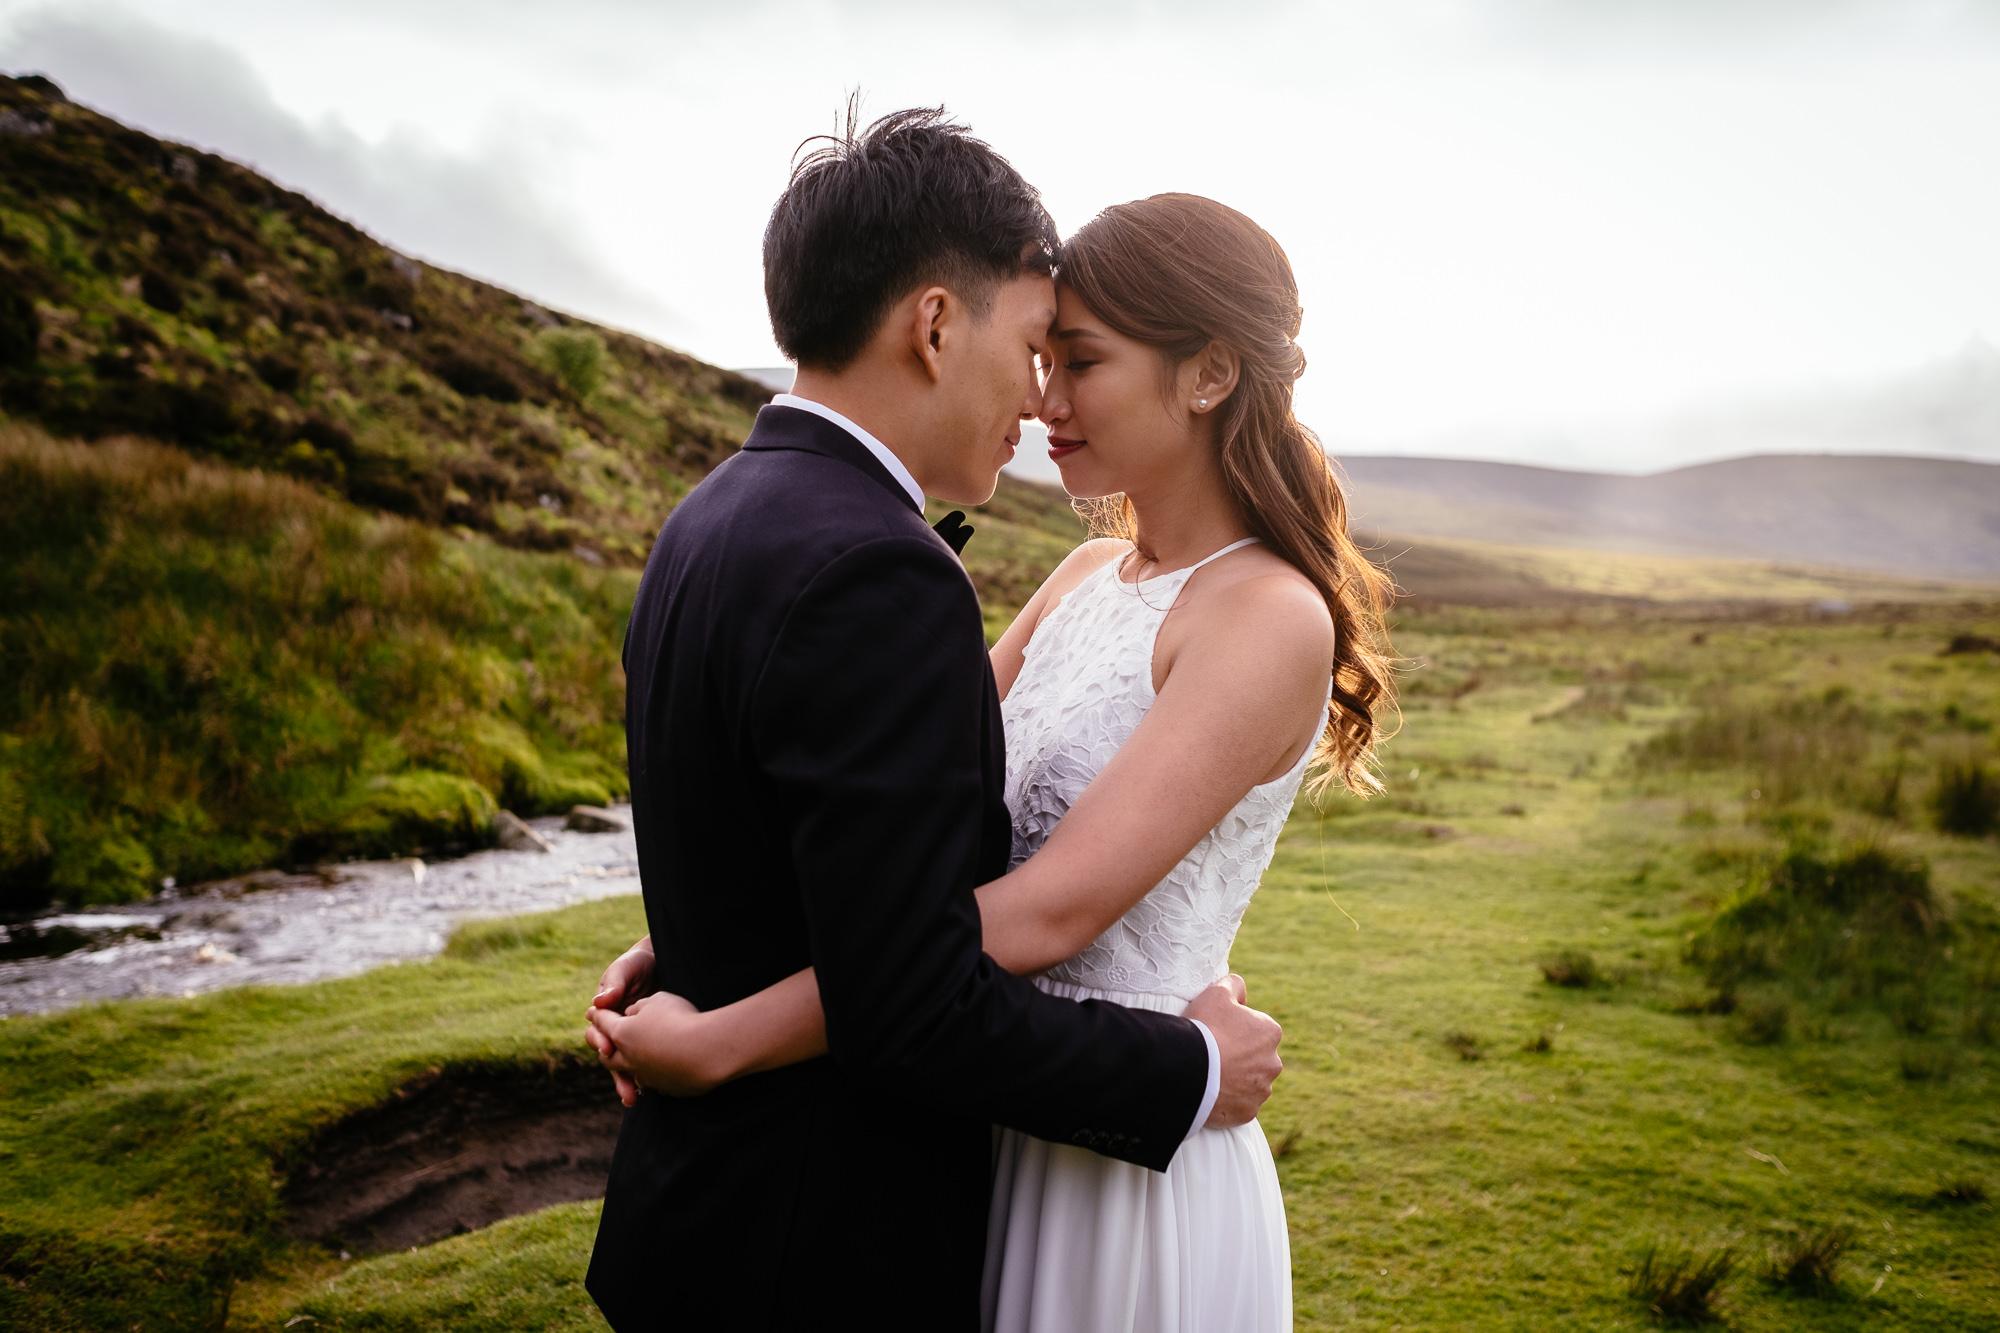 Engagement shoot in wicklow ireland 0081